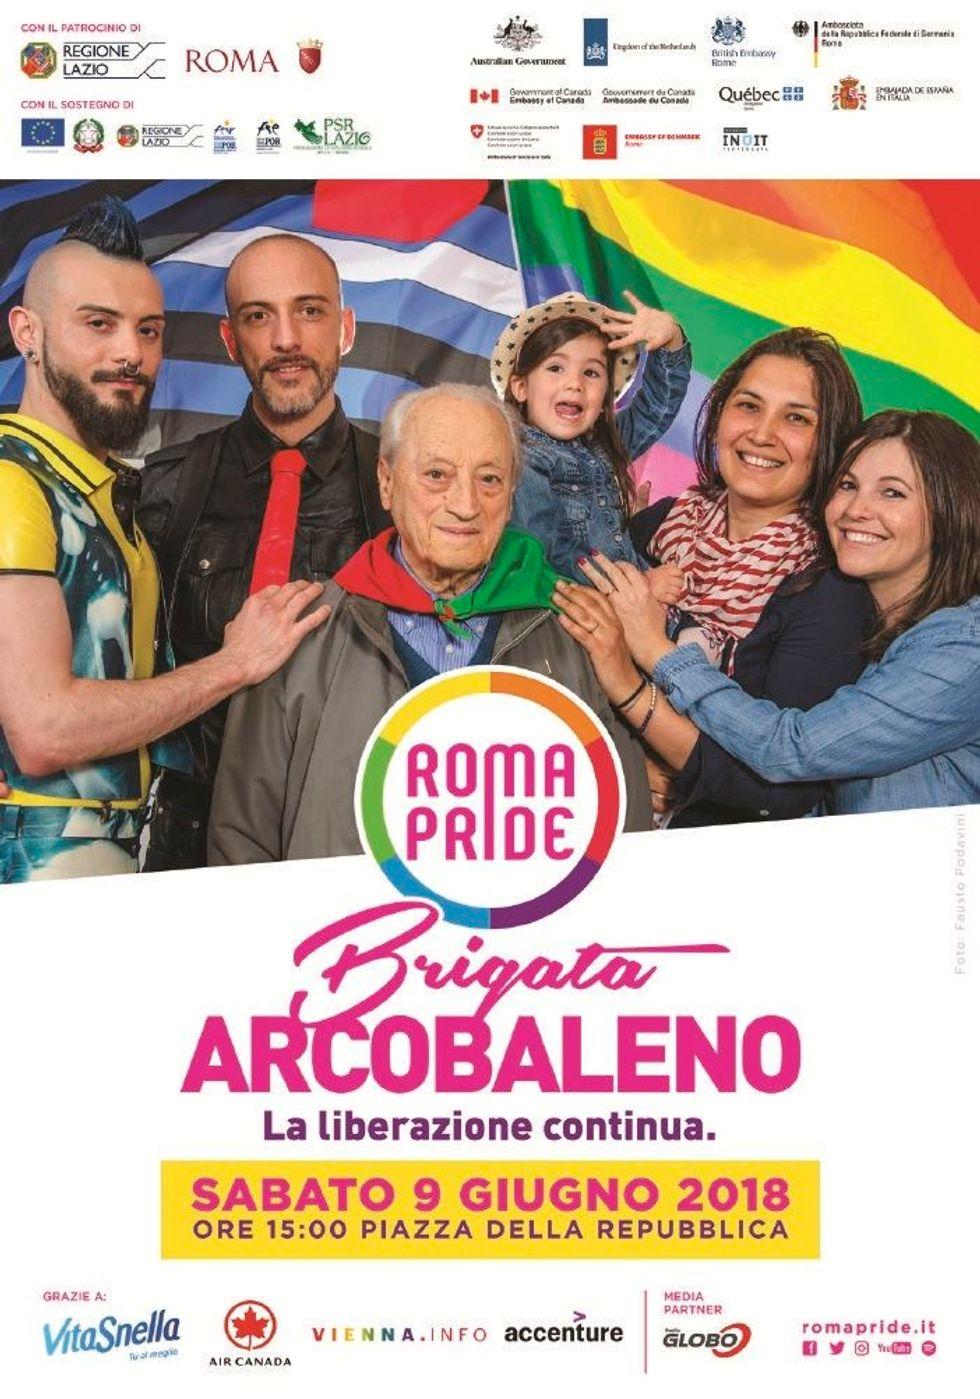 L'ultima pagliacciata dei partigiani:«brigata arcobaleno» al Gay pride